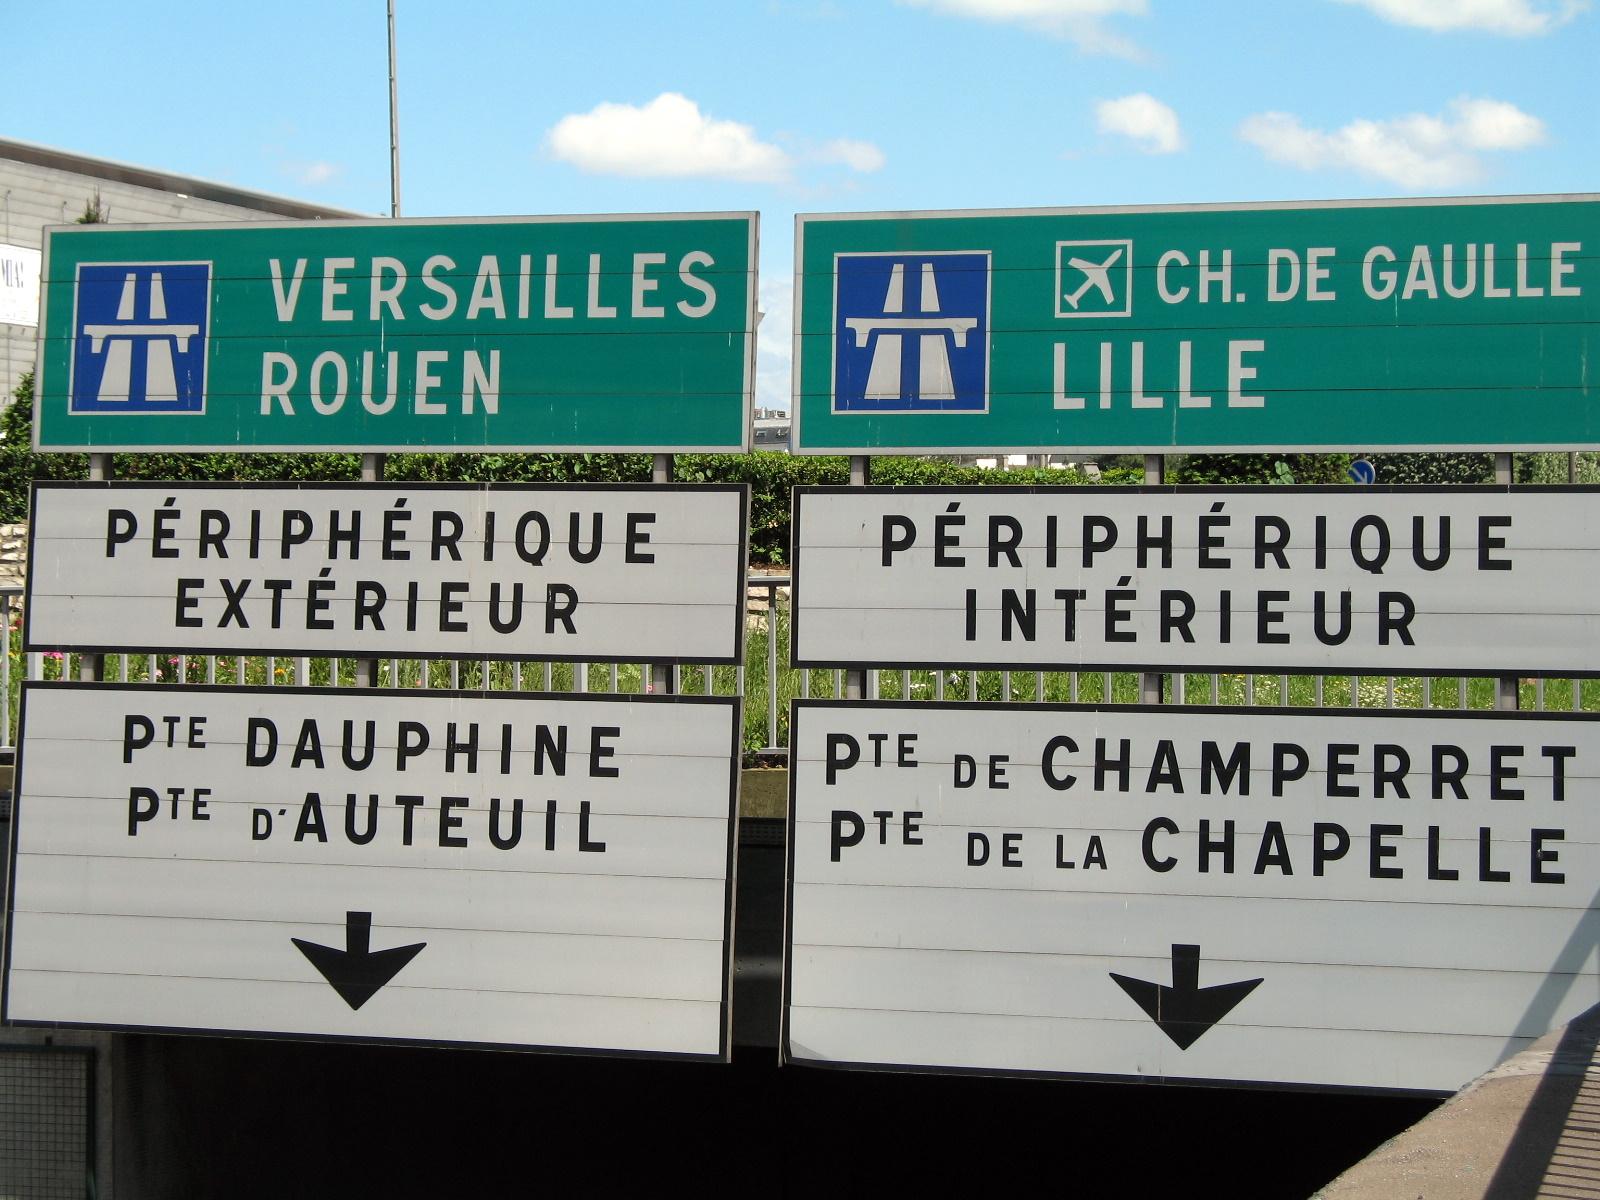 Sur le peripherique parisien for Exterieur in french